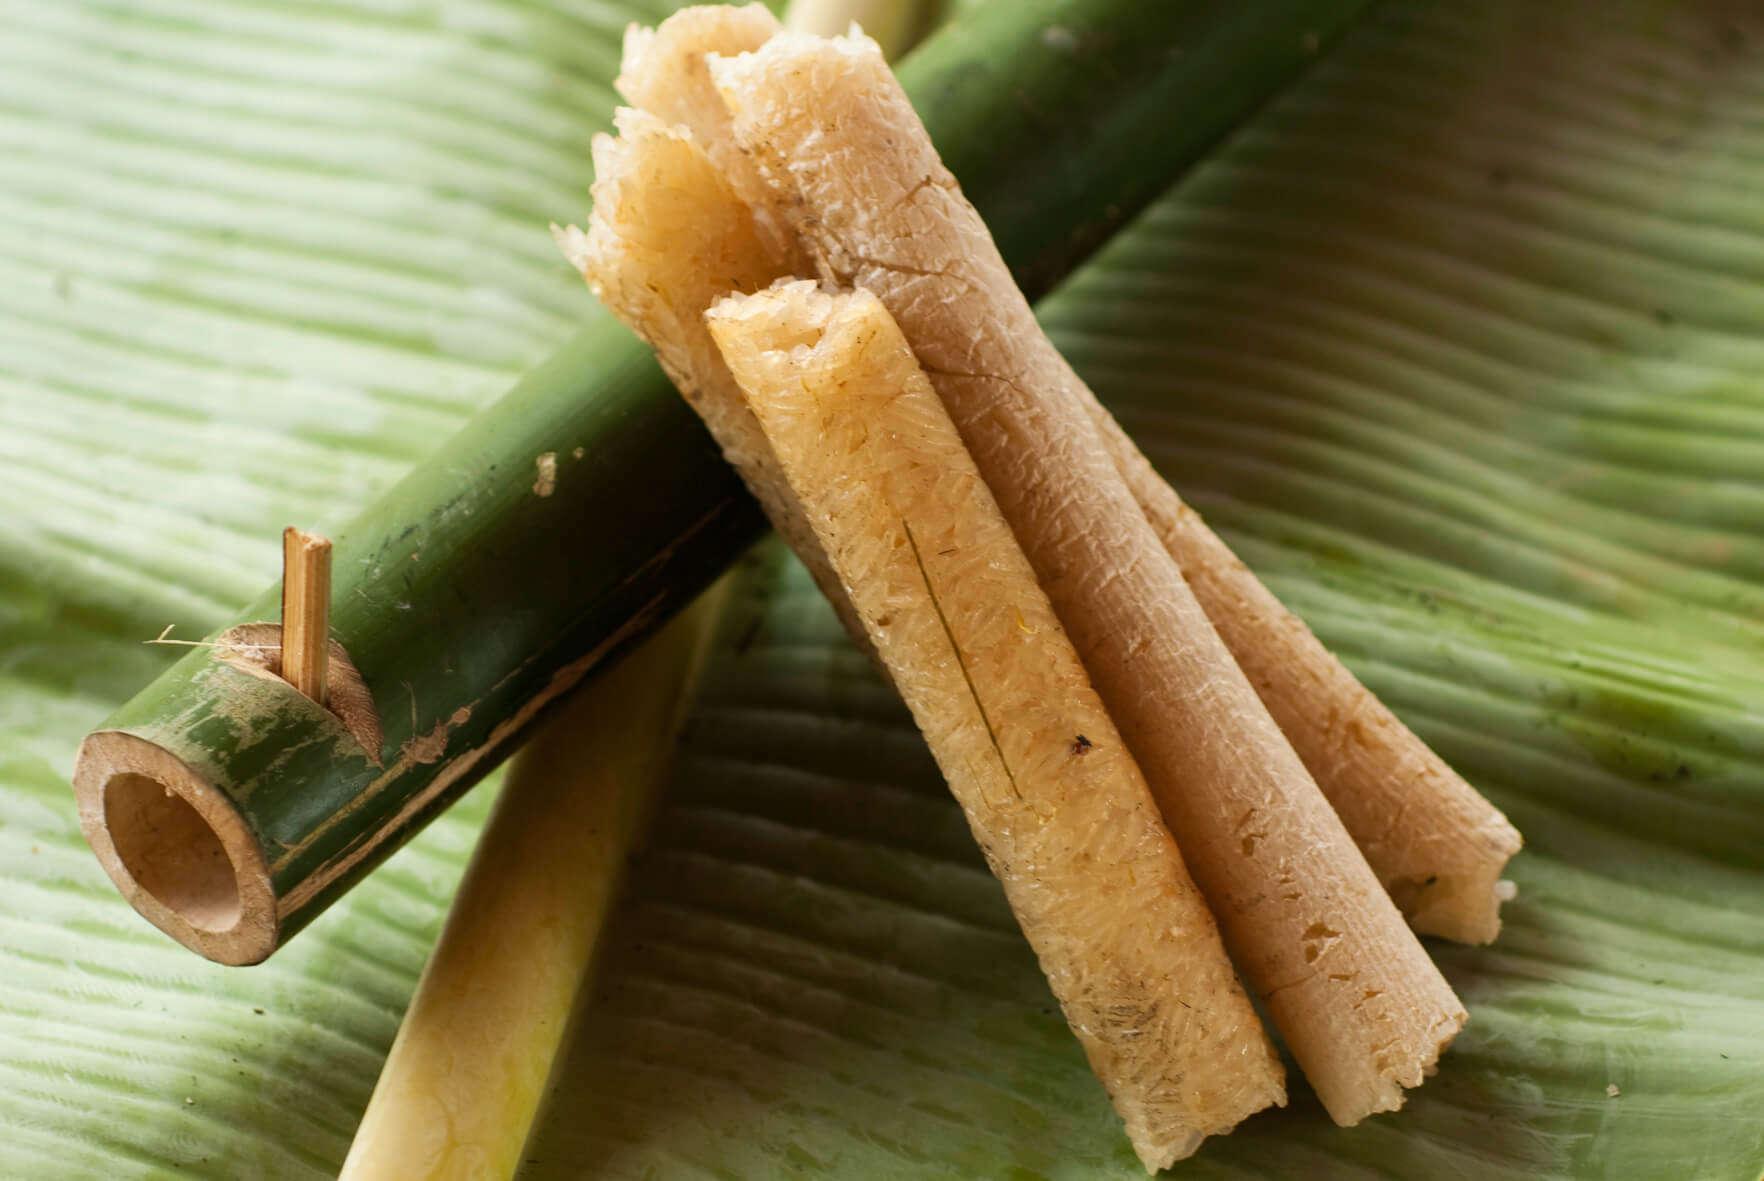 bamboo,rice,laos,laosfood